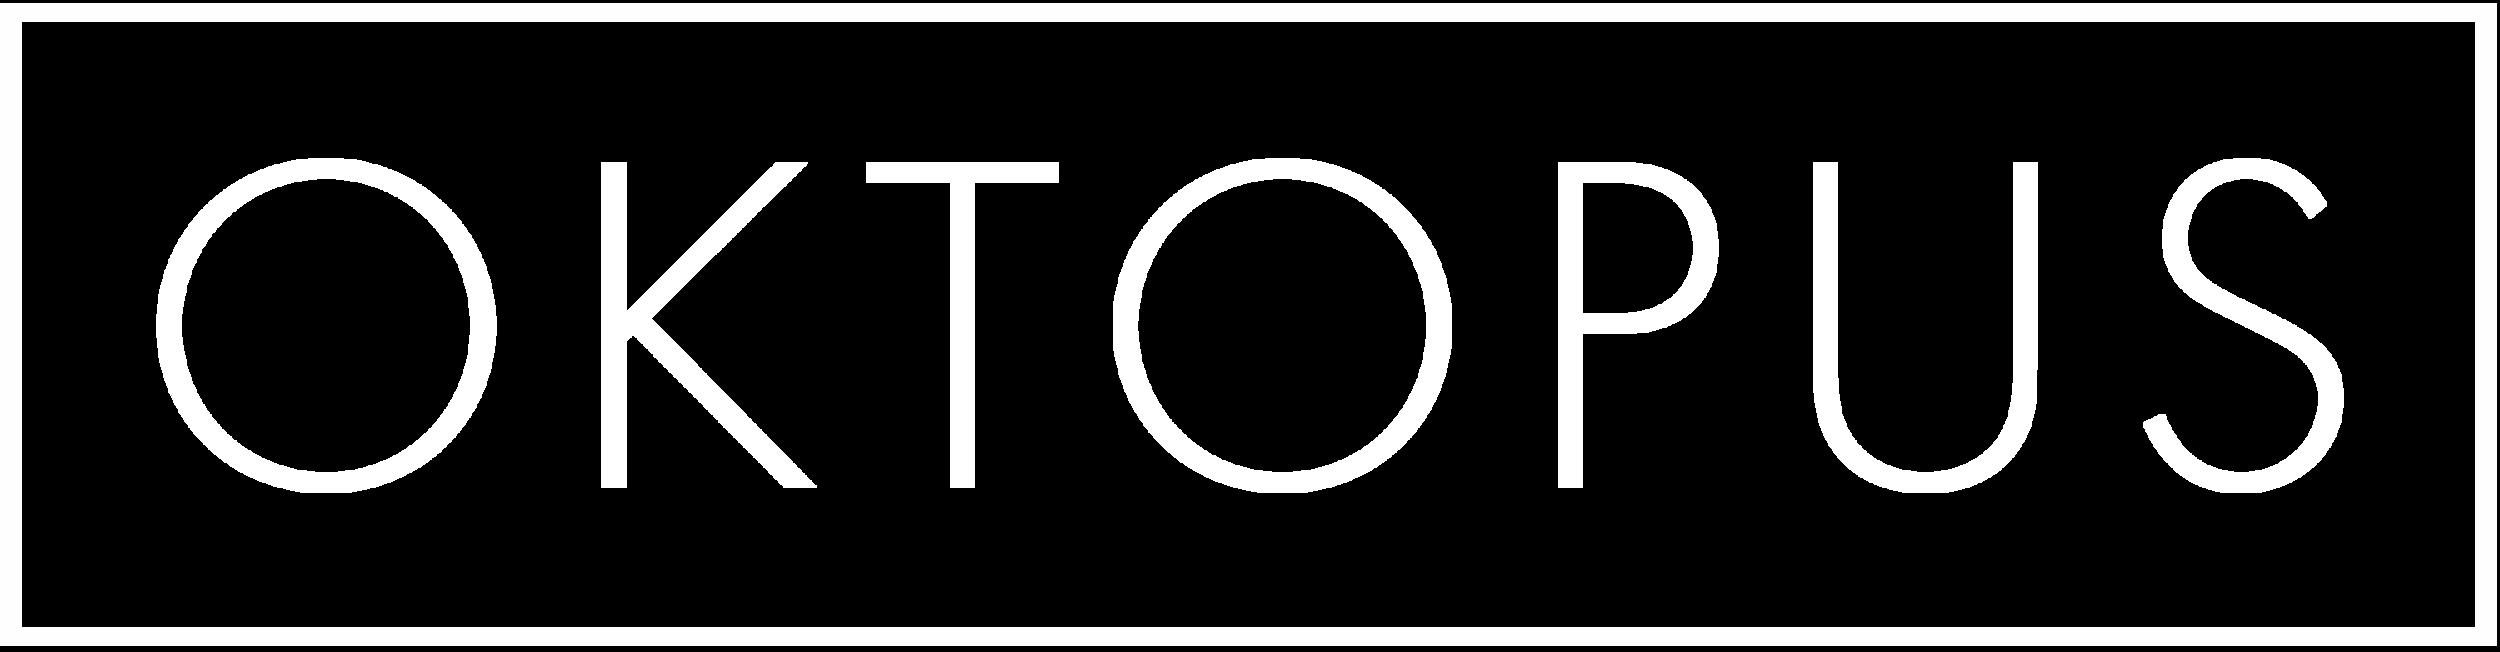 logo_oktopus_branco.png